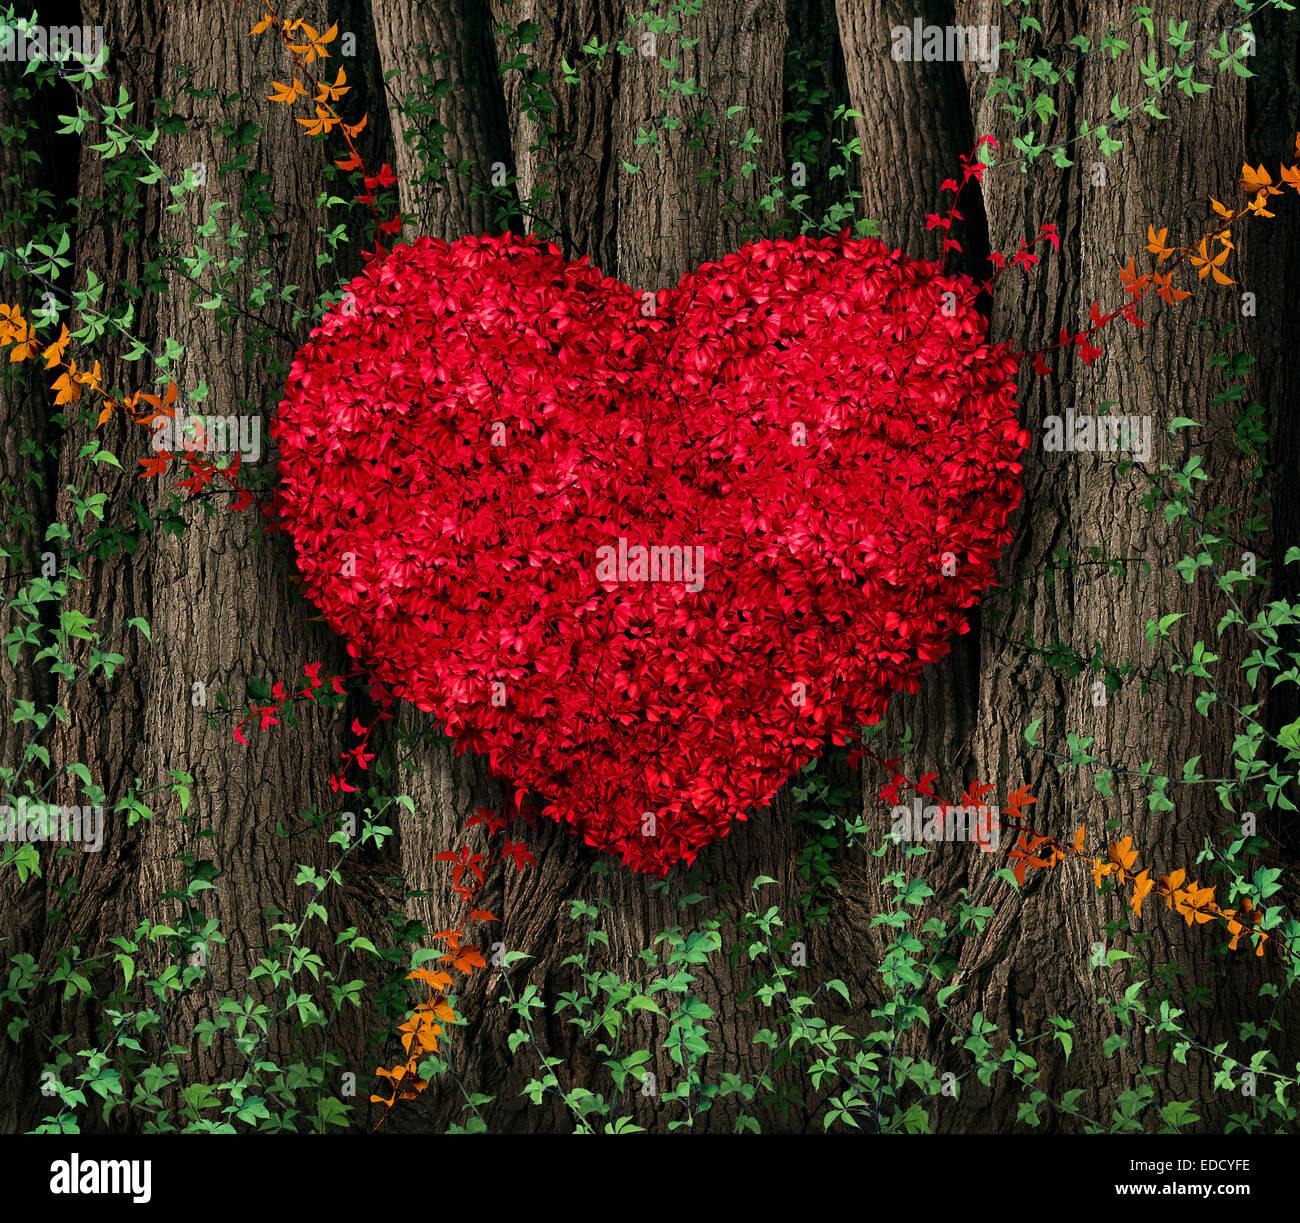 Il giorno di San Valentino red leaf la viticoltura in una foresta naturale di grandi alberi sagomata a forma di Immagini Stock